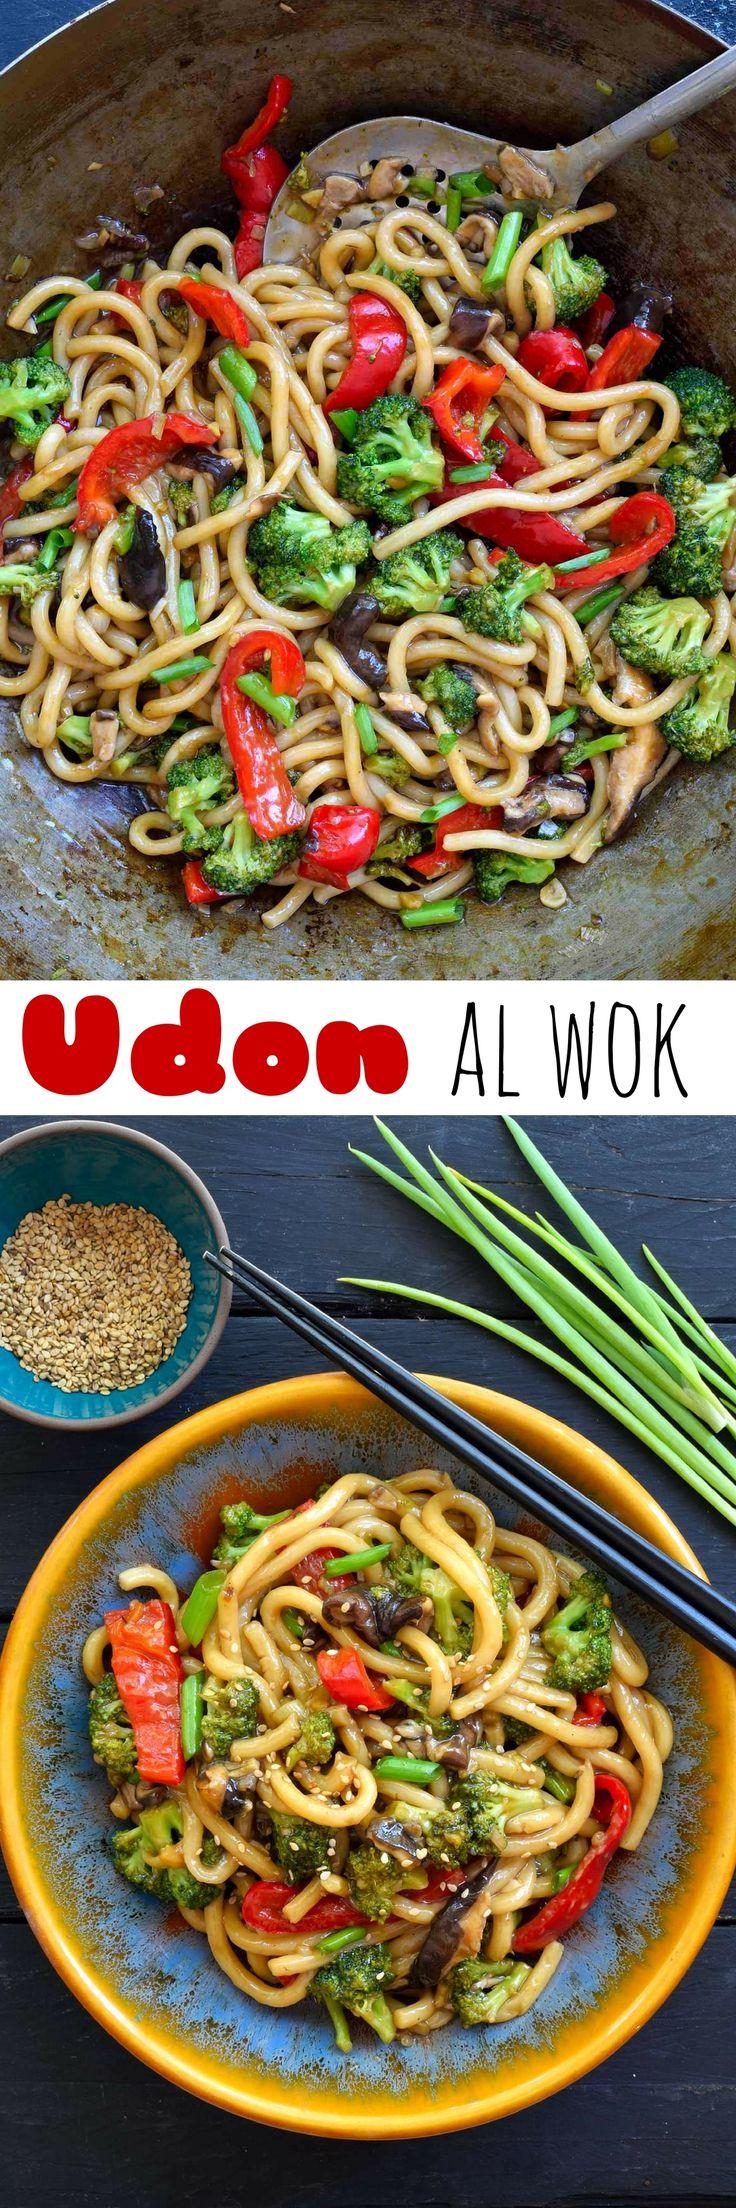 Fideos udon con verduras al wok es un plato vegano/vegetariano muy fácil y listo en tan sólo 15 minutos. Perfecto para una cena de entresemana.